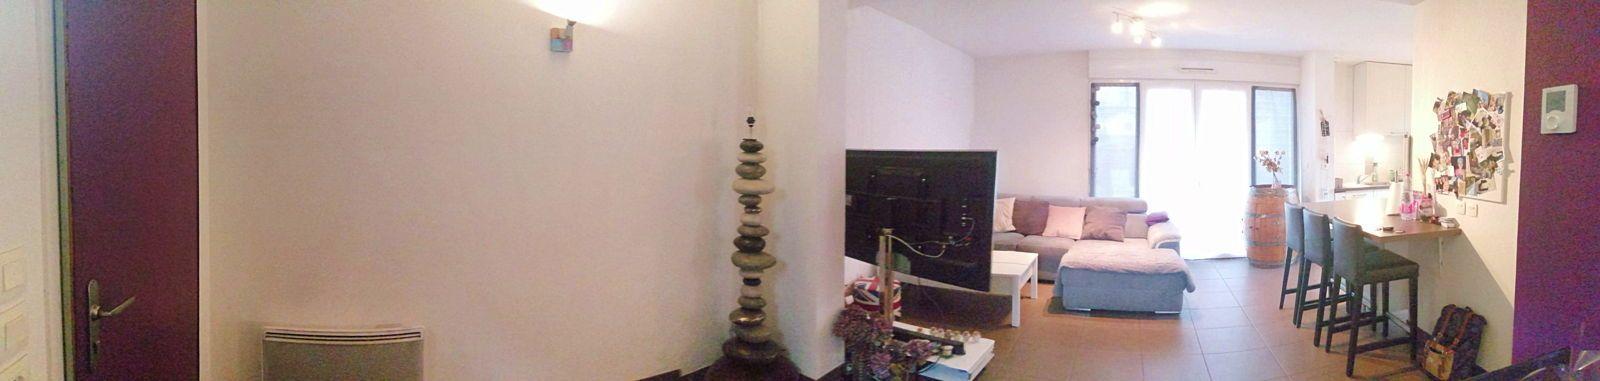 Vends belle maison / quartier calme - 3chambres, 78m²